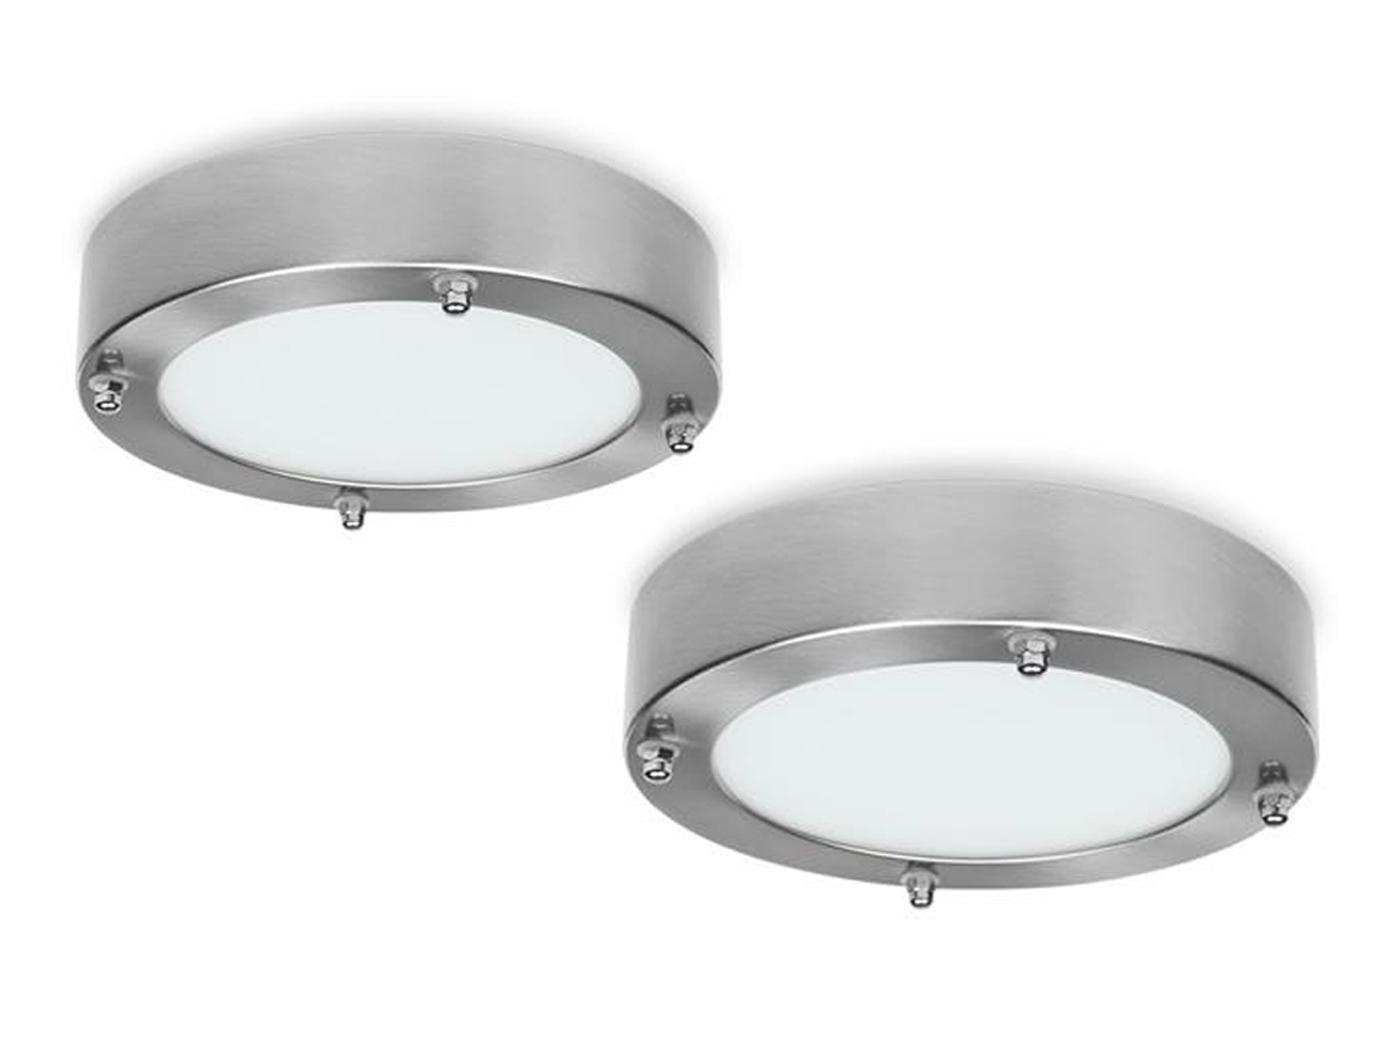 Runde Deckenleuchten fürs Badezimmer im 2er SET mit 12W LED, Stahl & Glas,  IP44